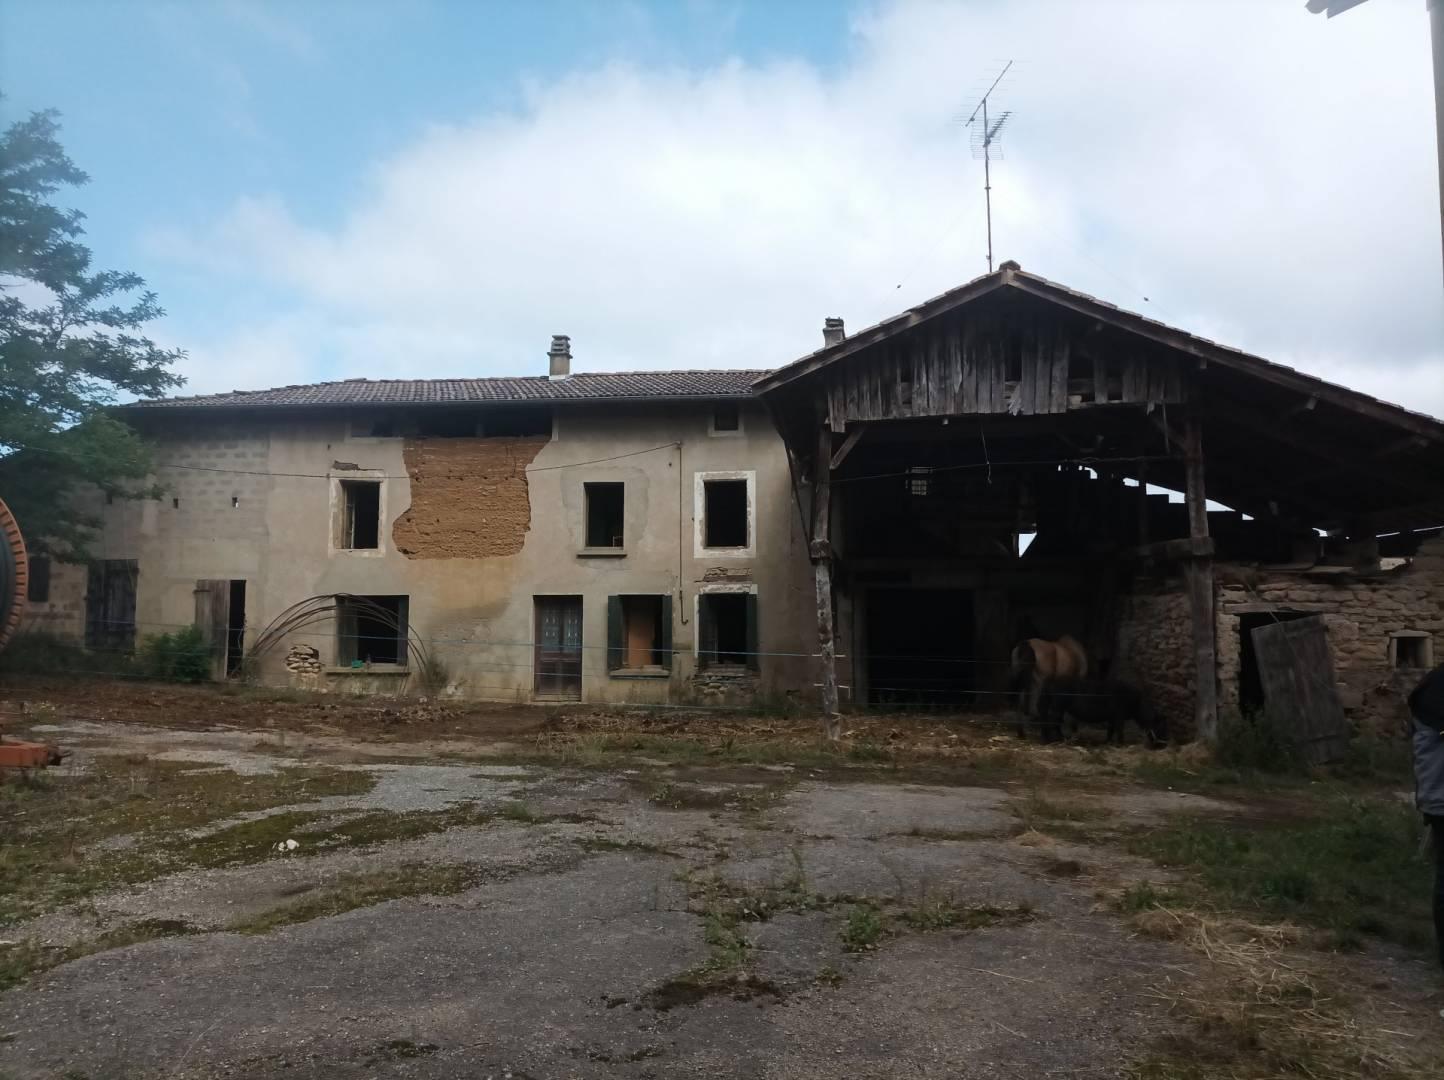 1 18 Saint-Bonnet-de-Chavagne